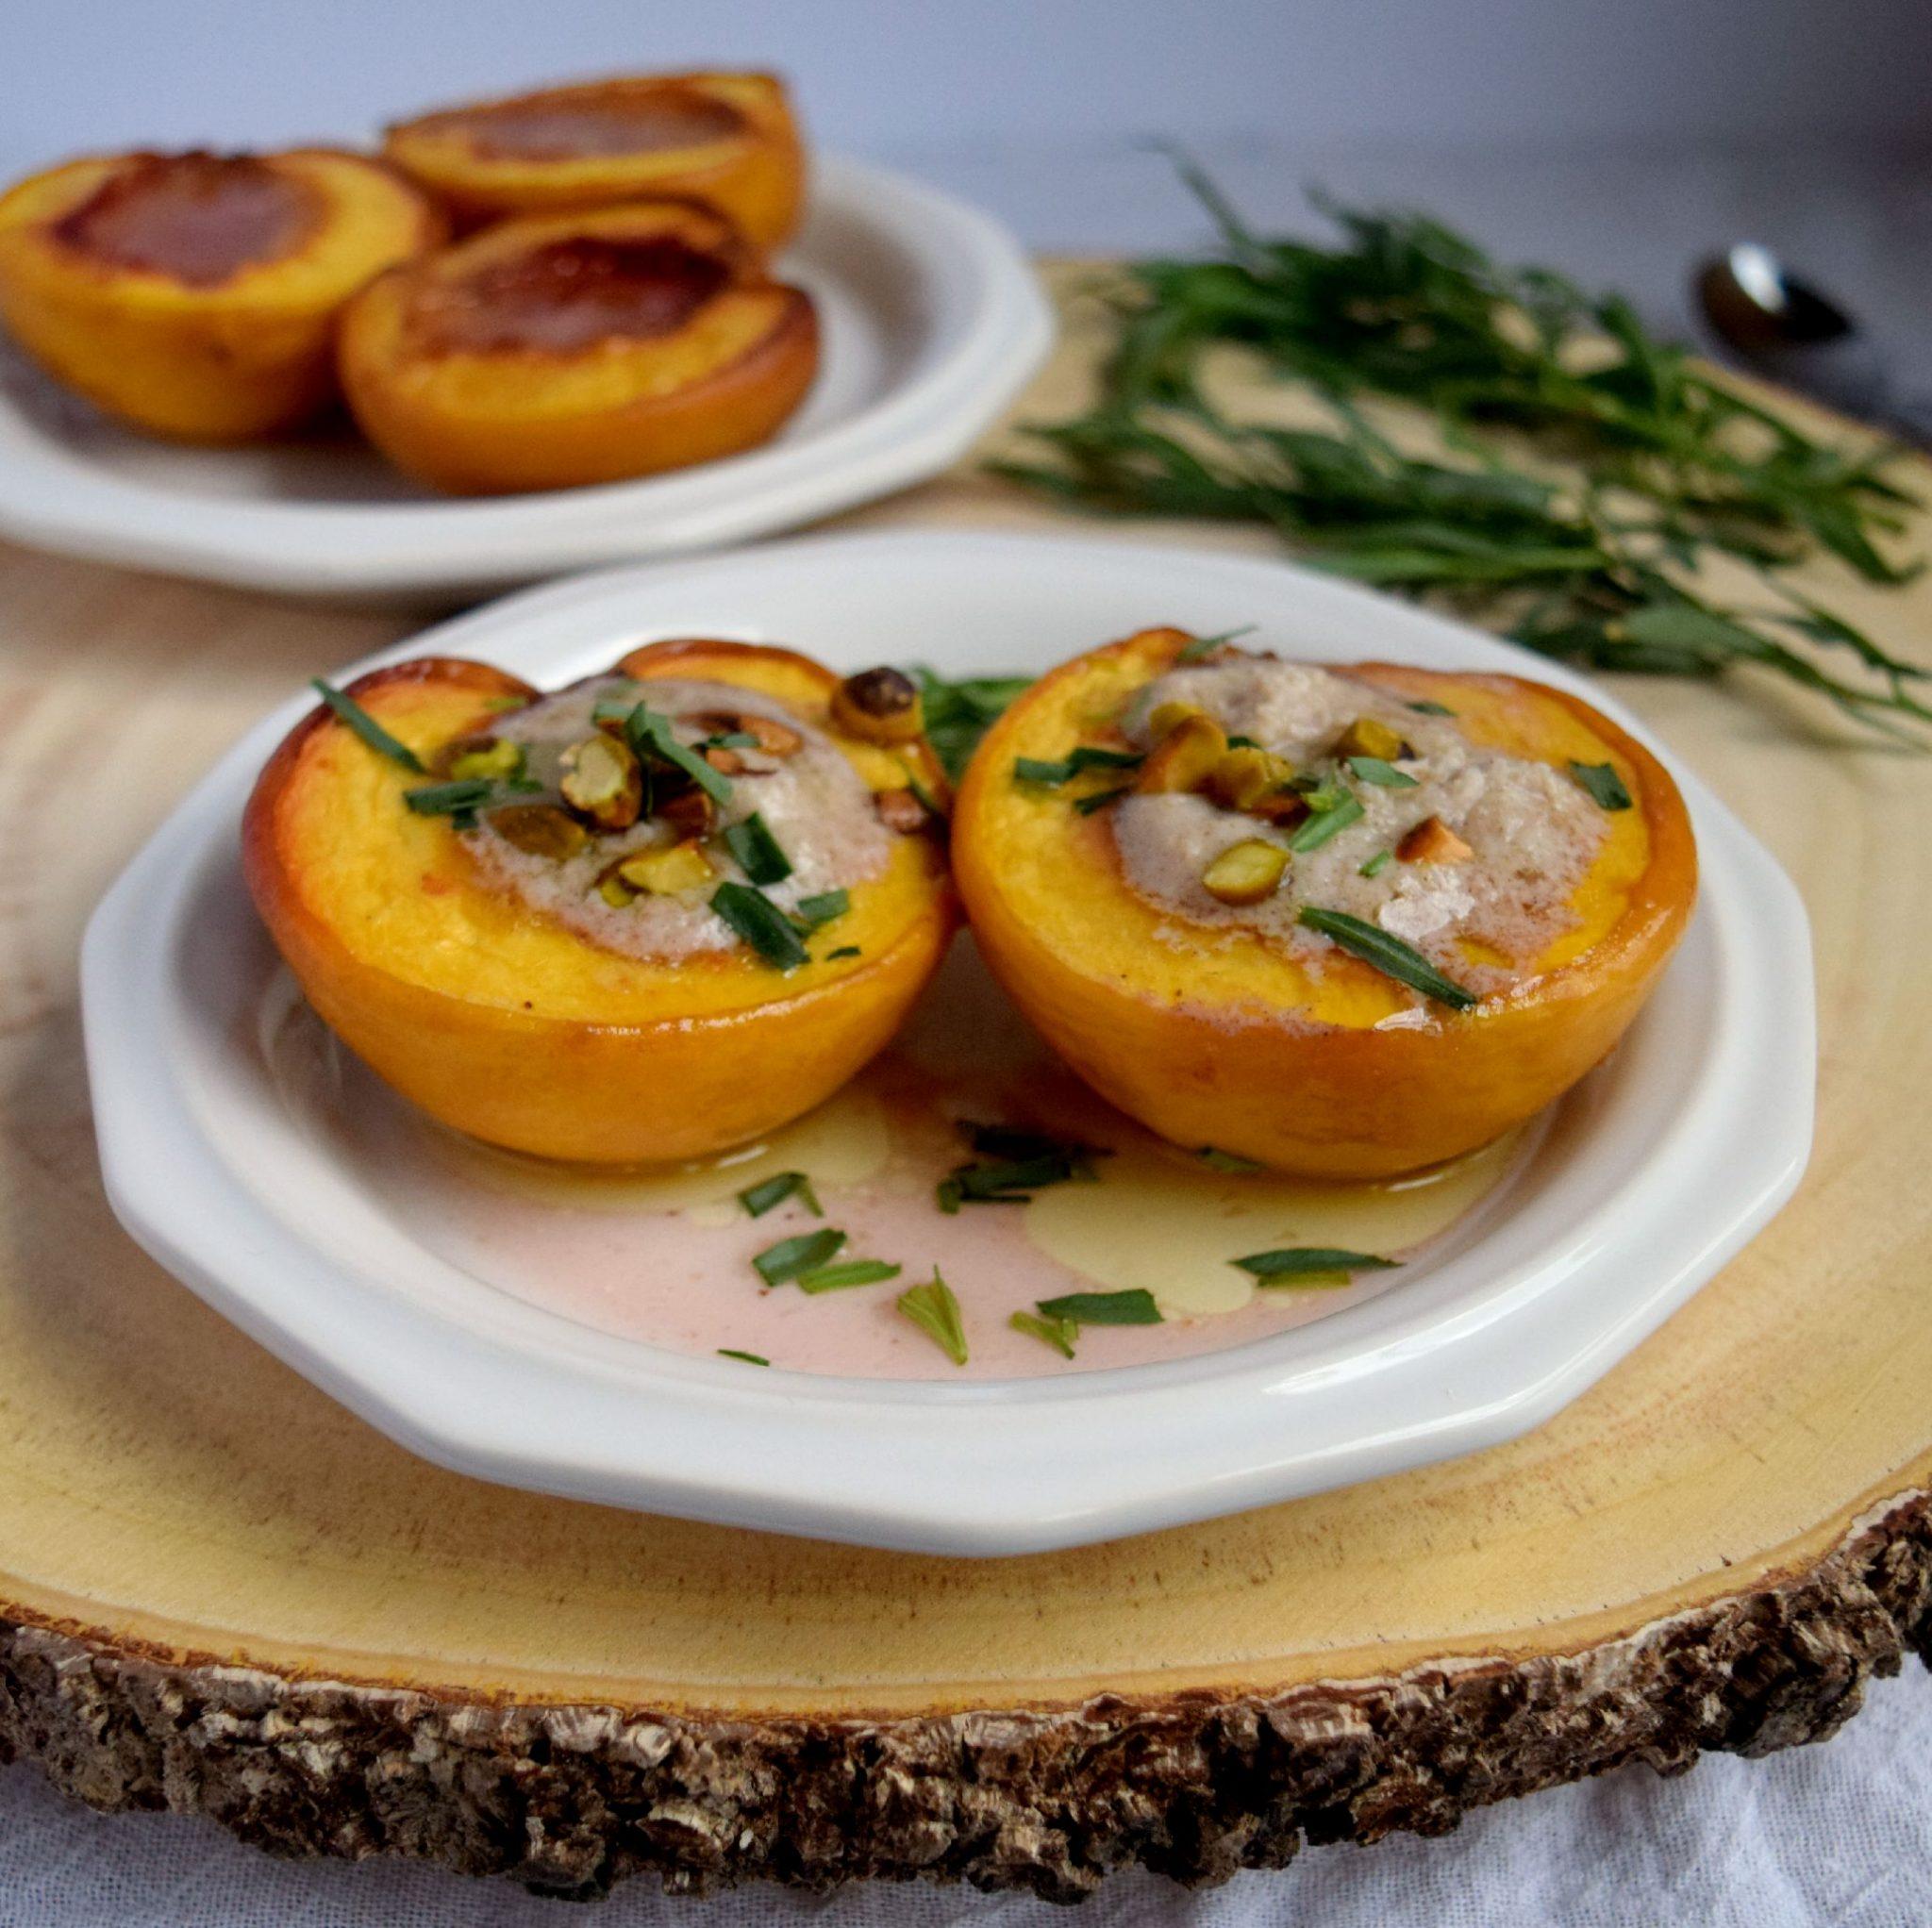 Honey Roasted Peaches with Mascarpone